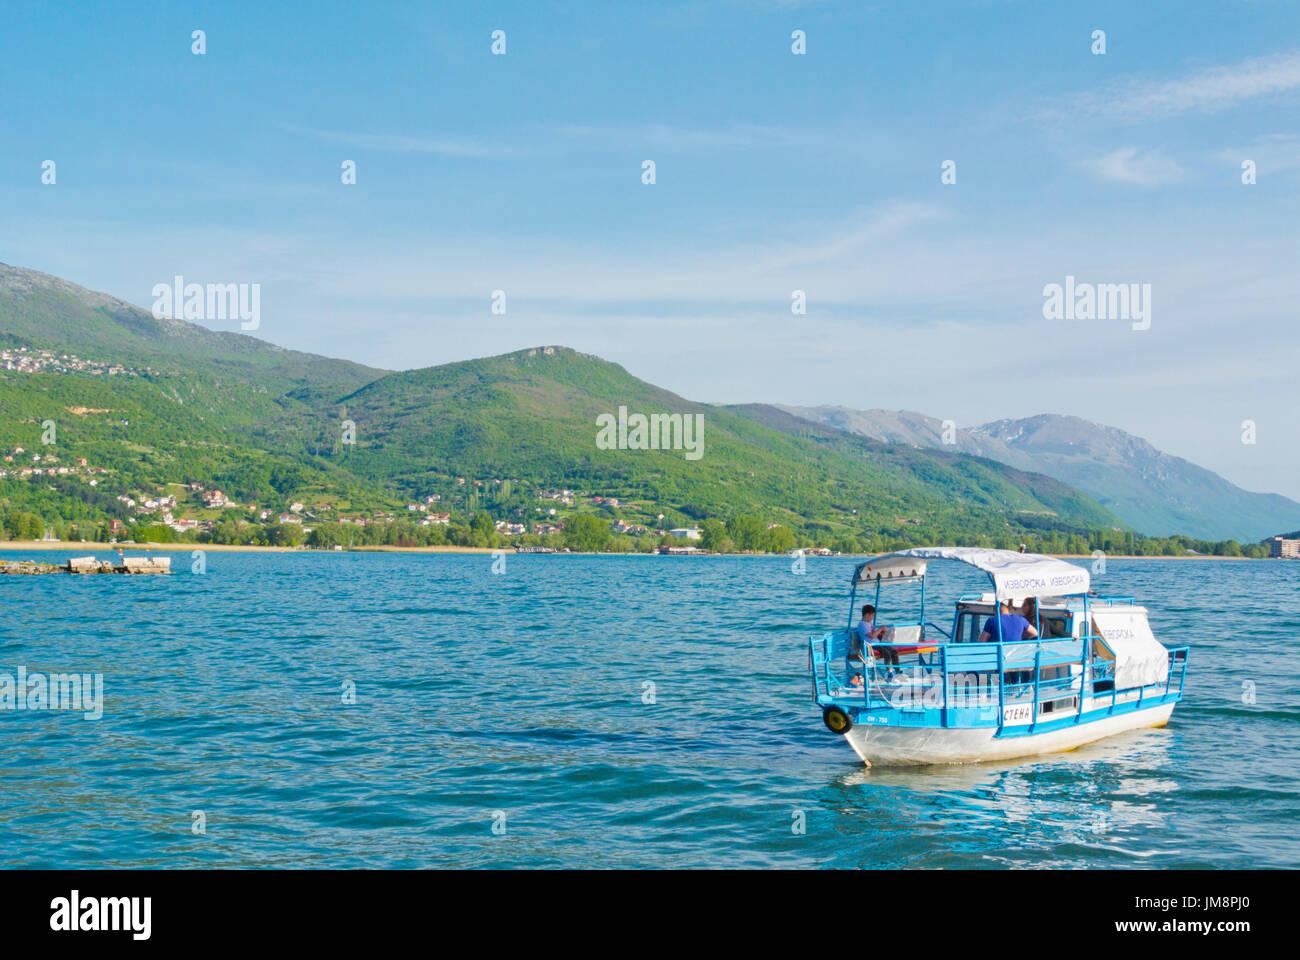 Cruise boat, Ohrid, Macedonia - Stock Image